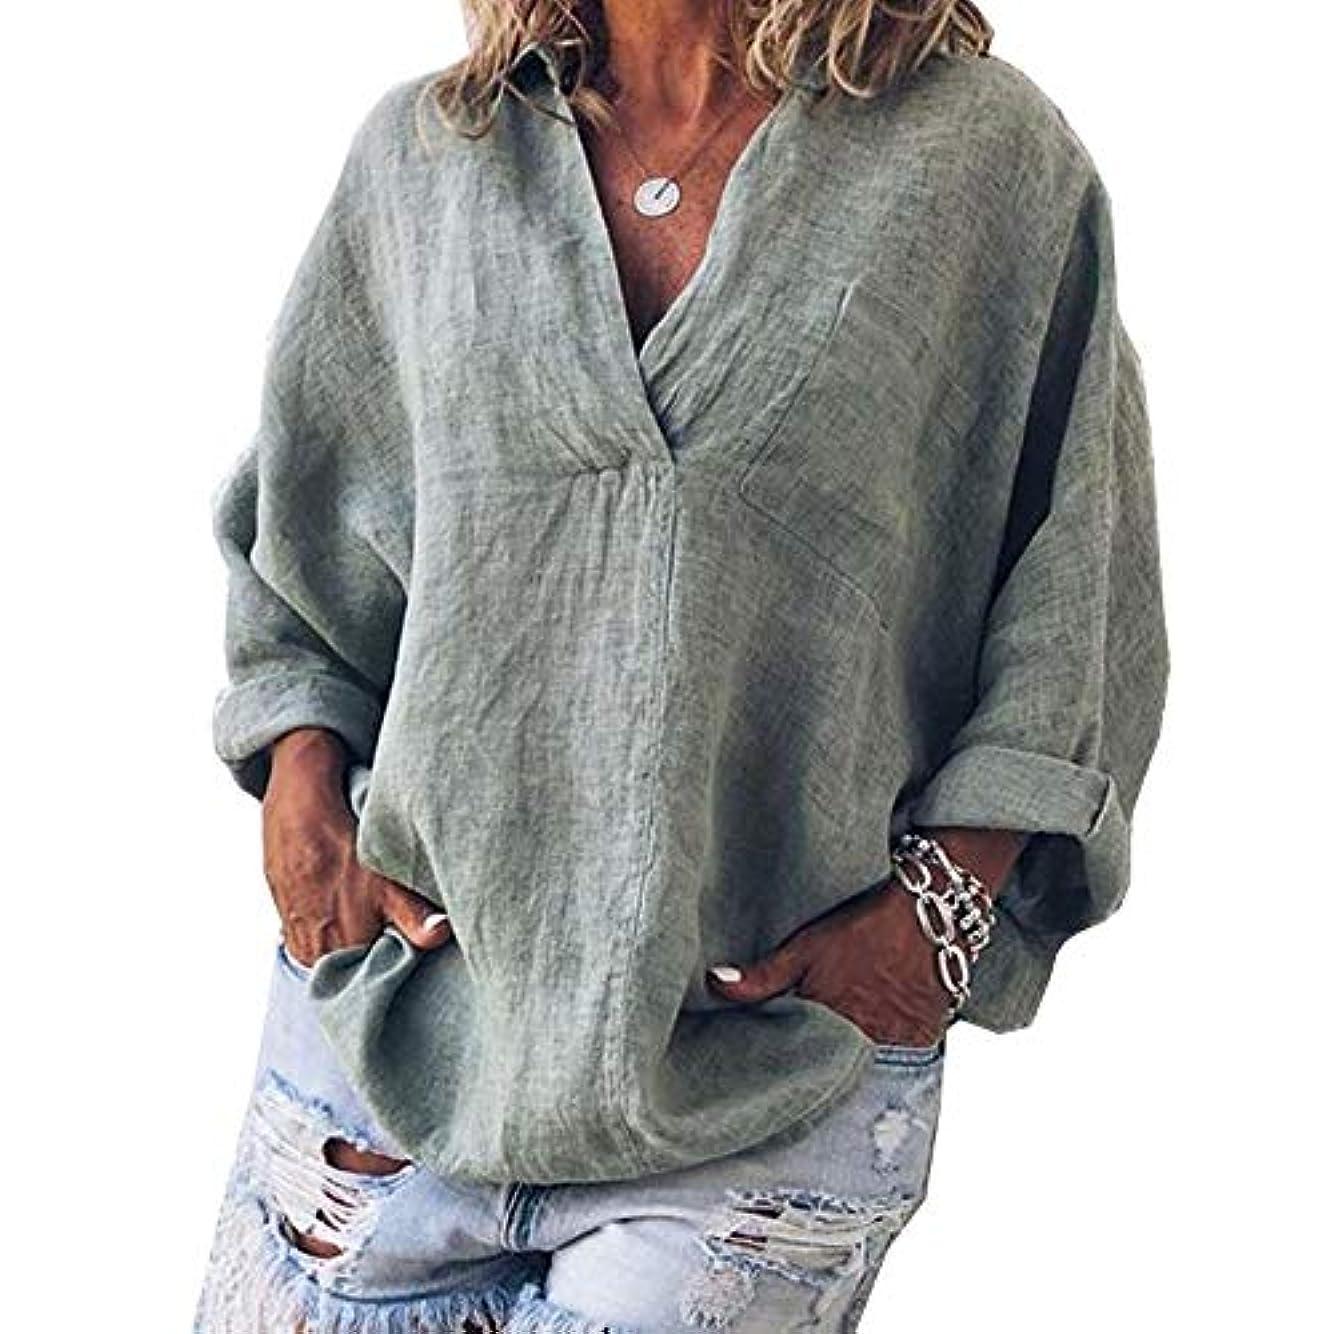 モール重々しいのれんMIFAN女性ファッション春夏チュニックトップス深いVネックTシャツ長袖プルオーバールーズリネンブラウス